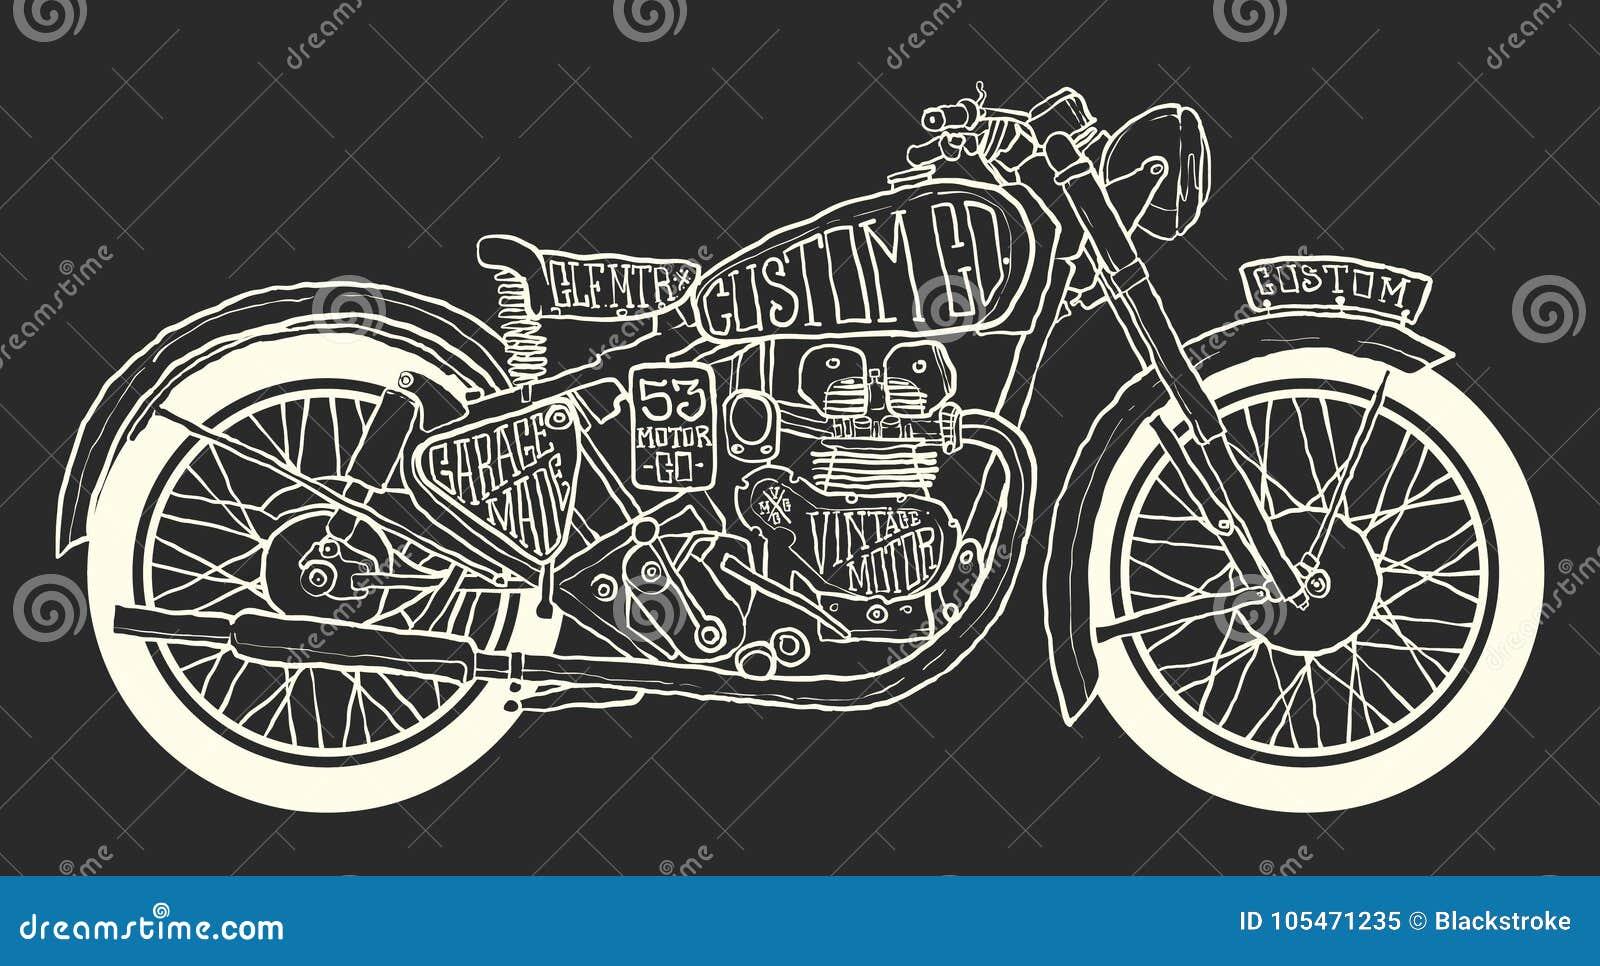 Cafe Racer Drawing Stock Illustration Illustration Of Black 105471235